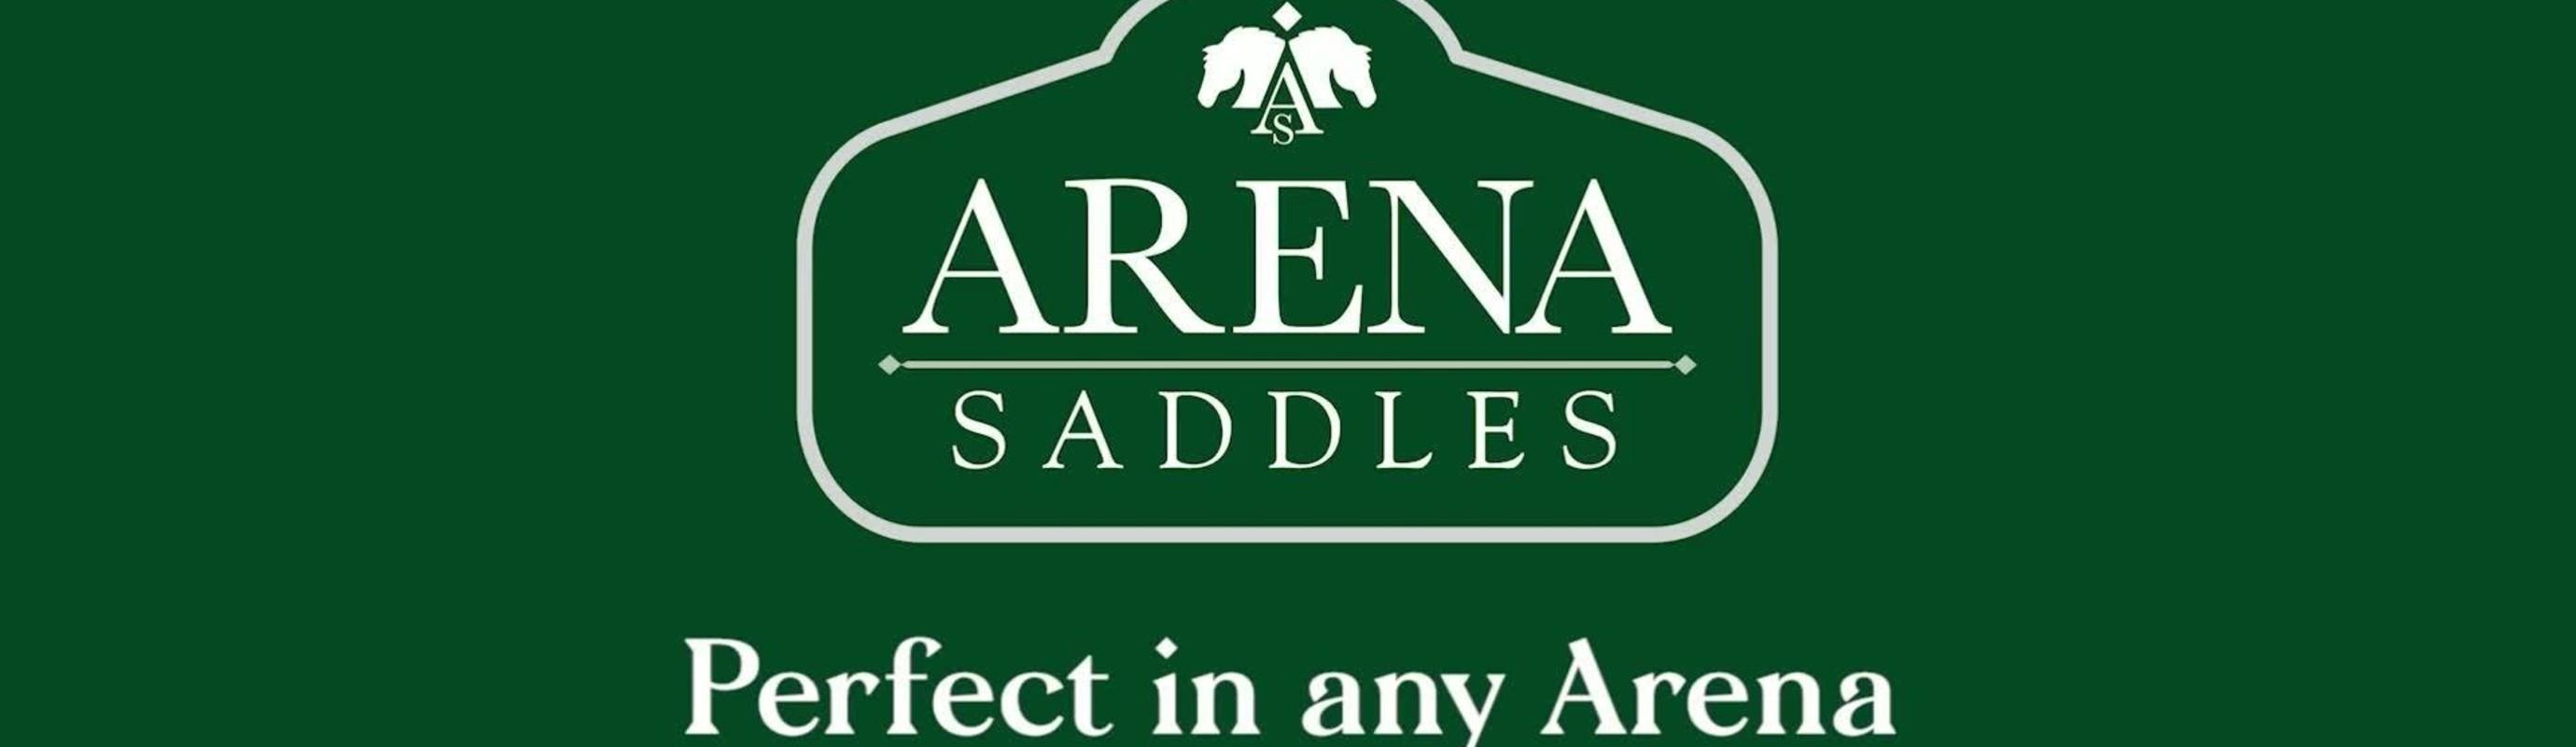 Arena zadels - Mooi, comfortabel en praktisch